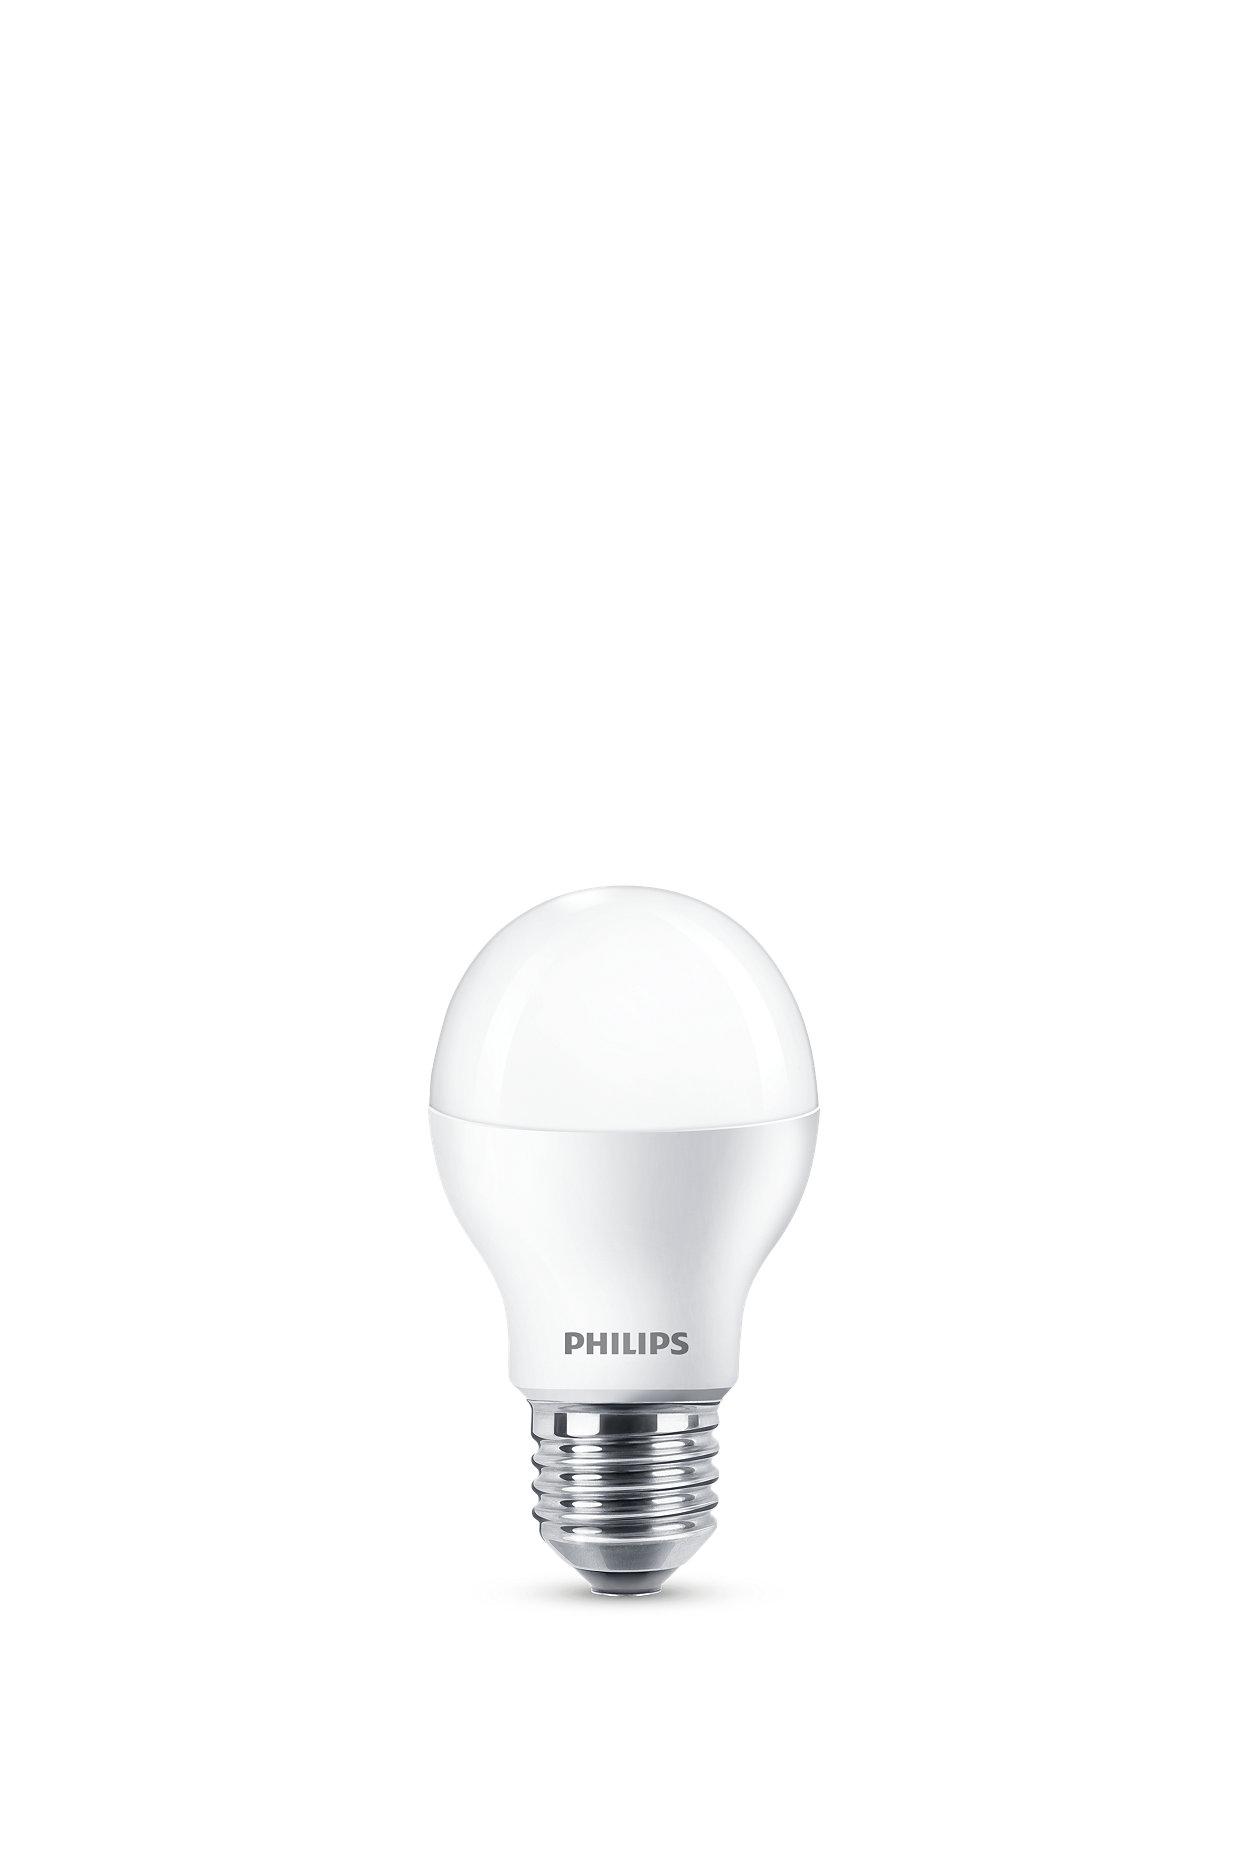 明亮 LED 照明,拥有卓越照明质量